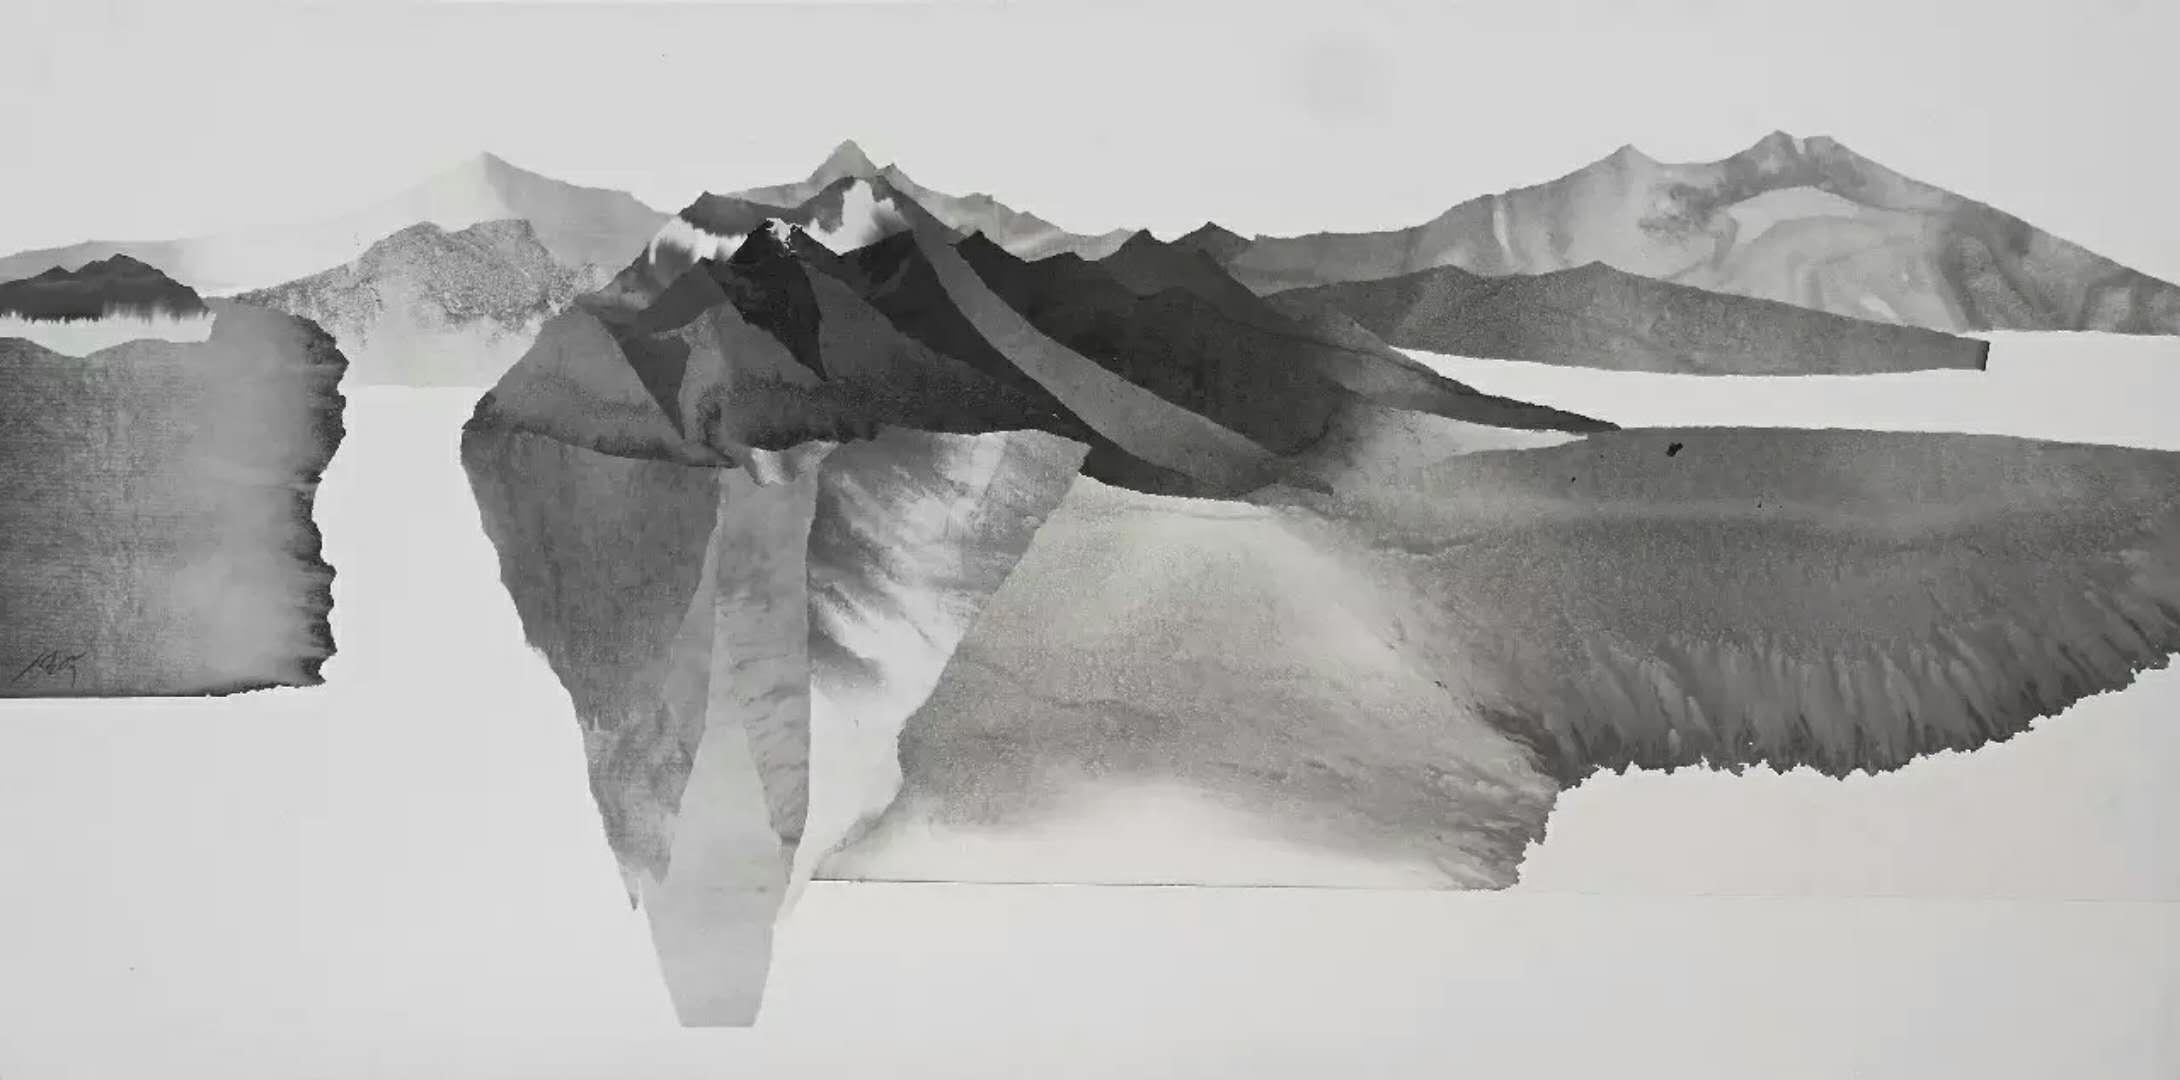 雪朴-某种风景3.jpg